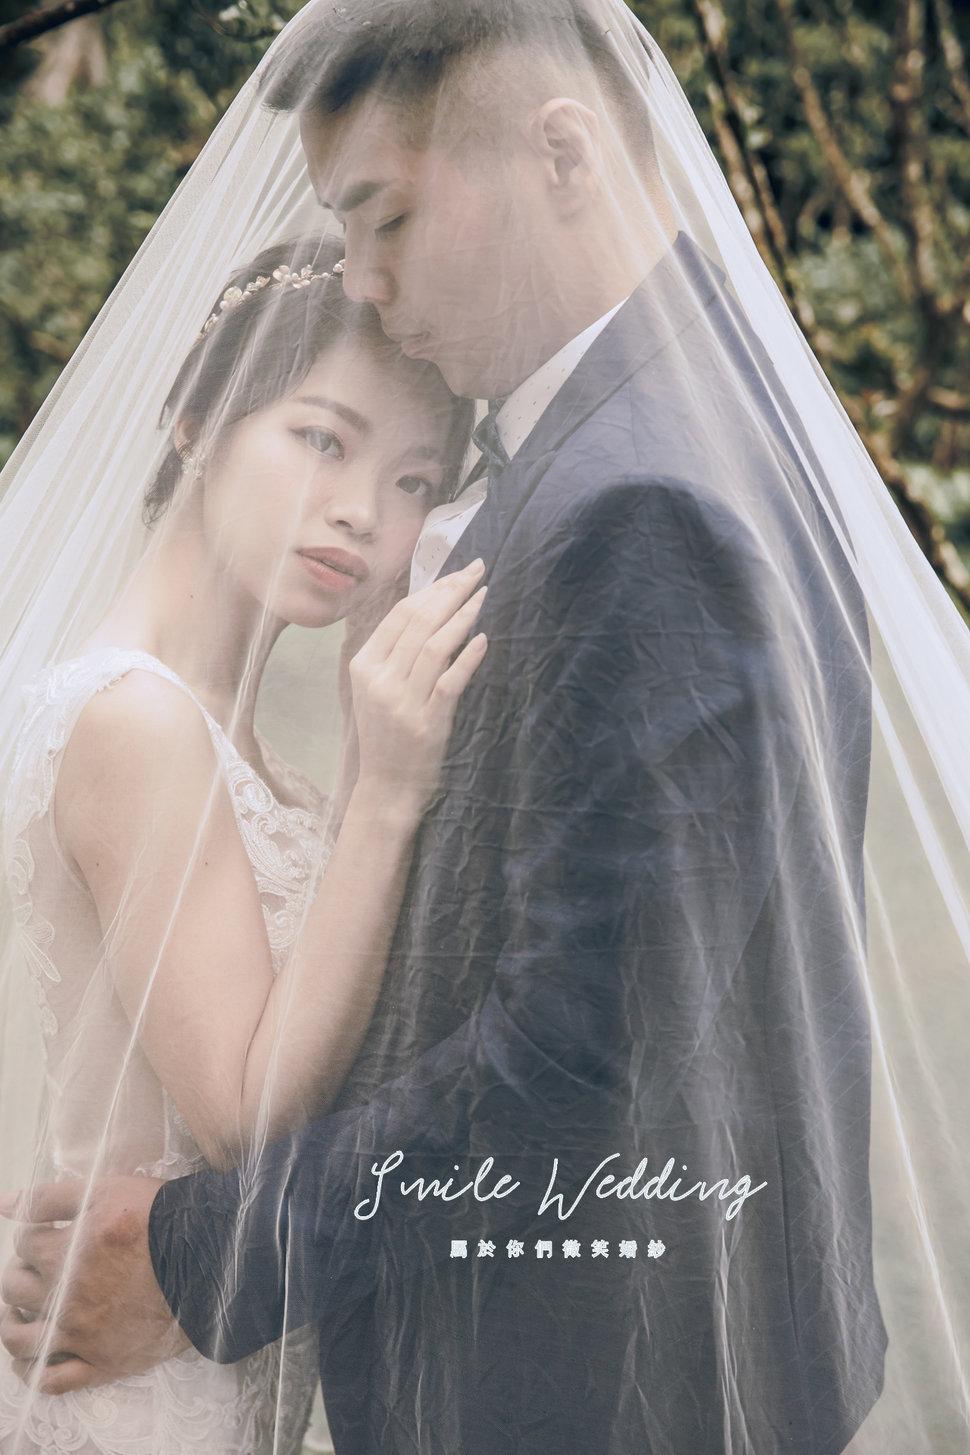 514A7254 - Smile wedding 微笑婚紗《結婚吧》